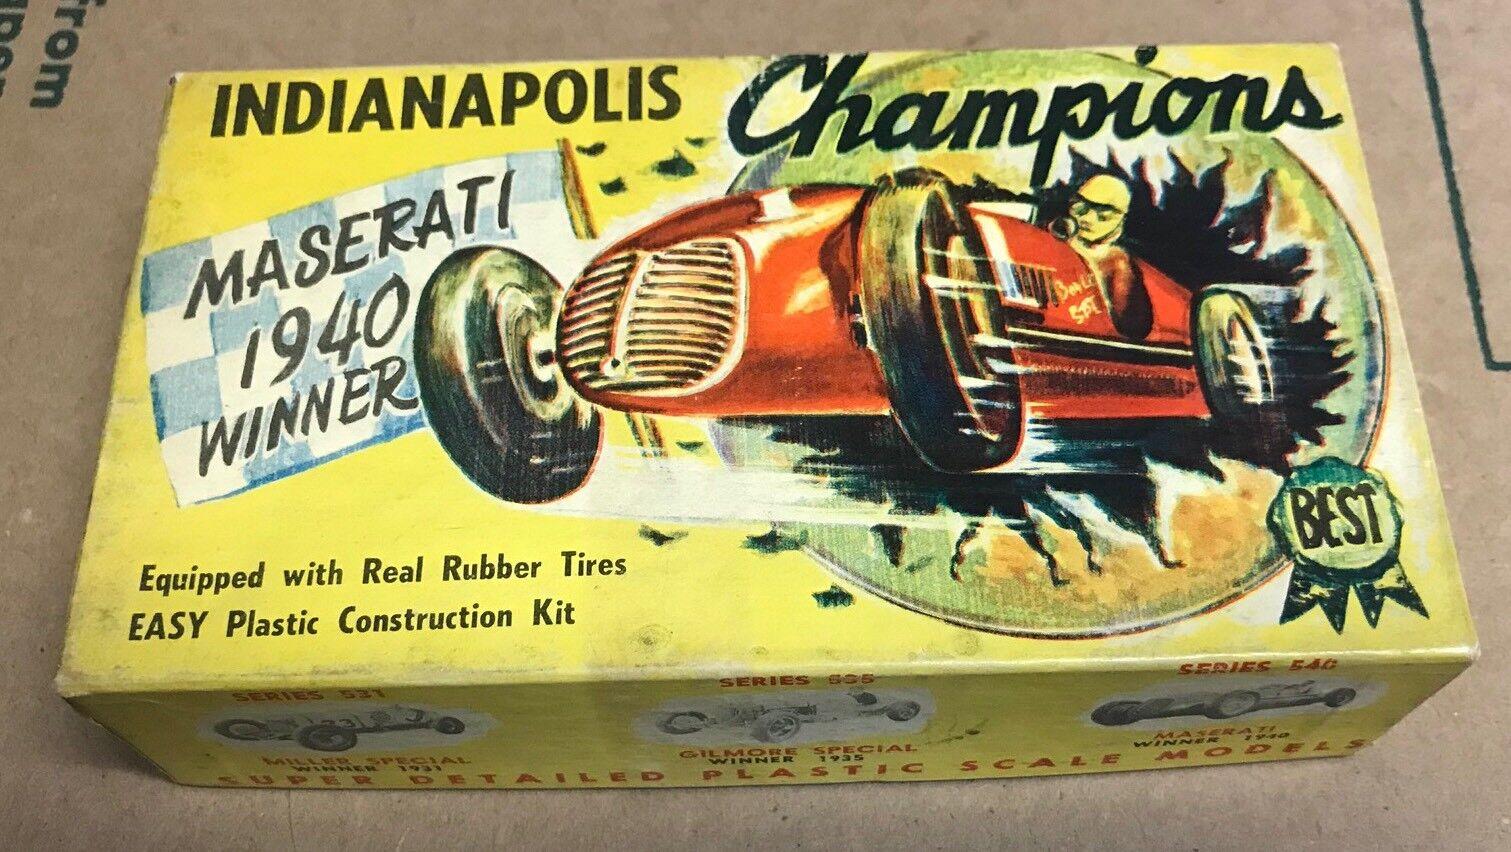 Jahrgang 1940 sieger indianapolis meister maserati modell rennwagen nicht